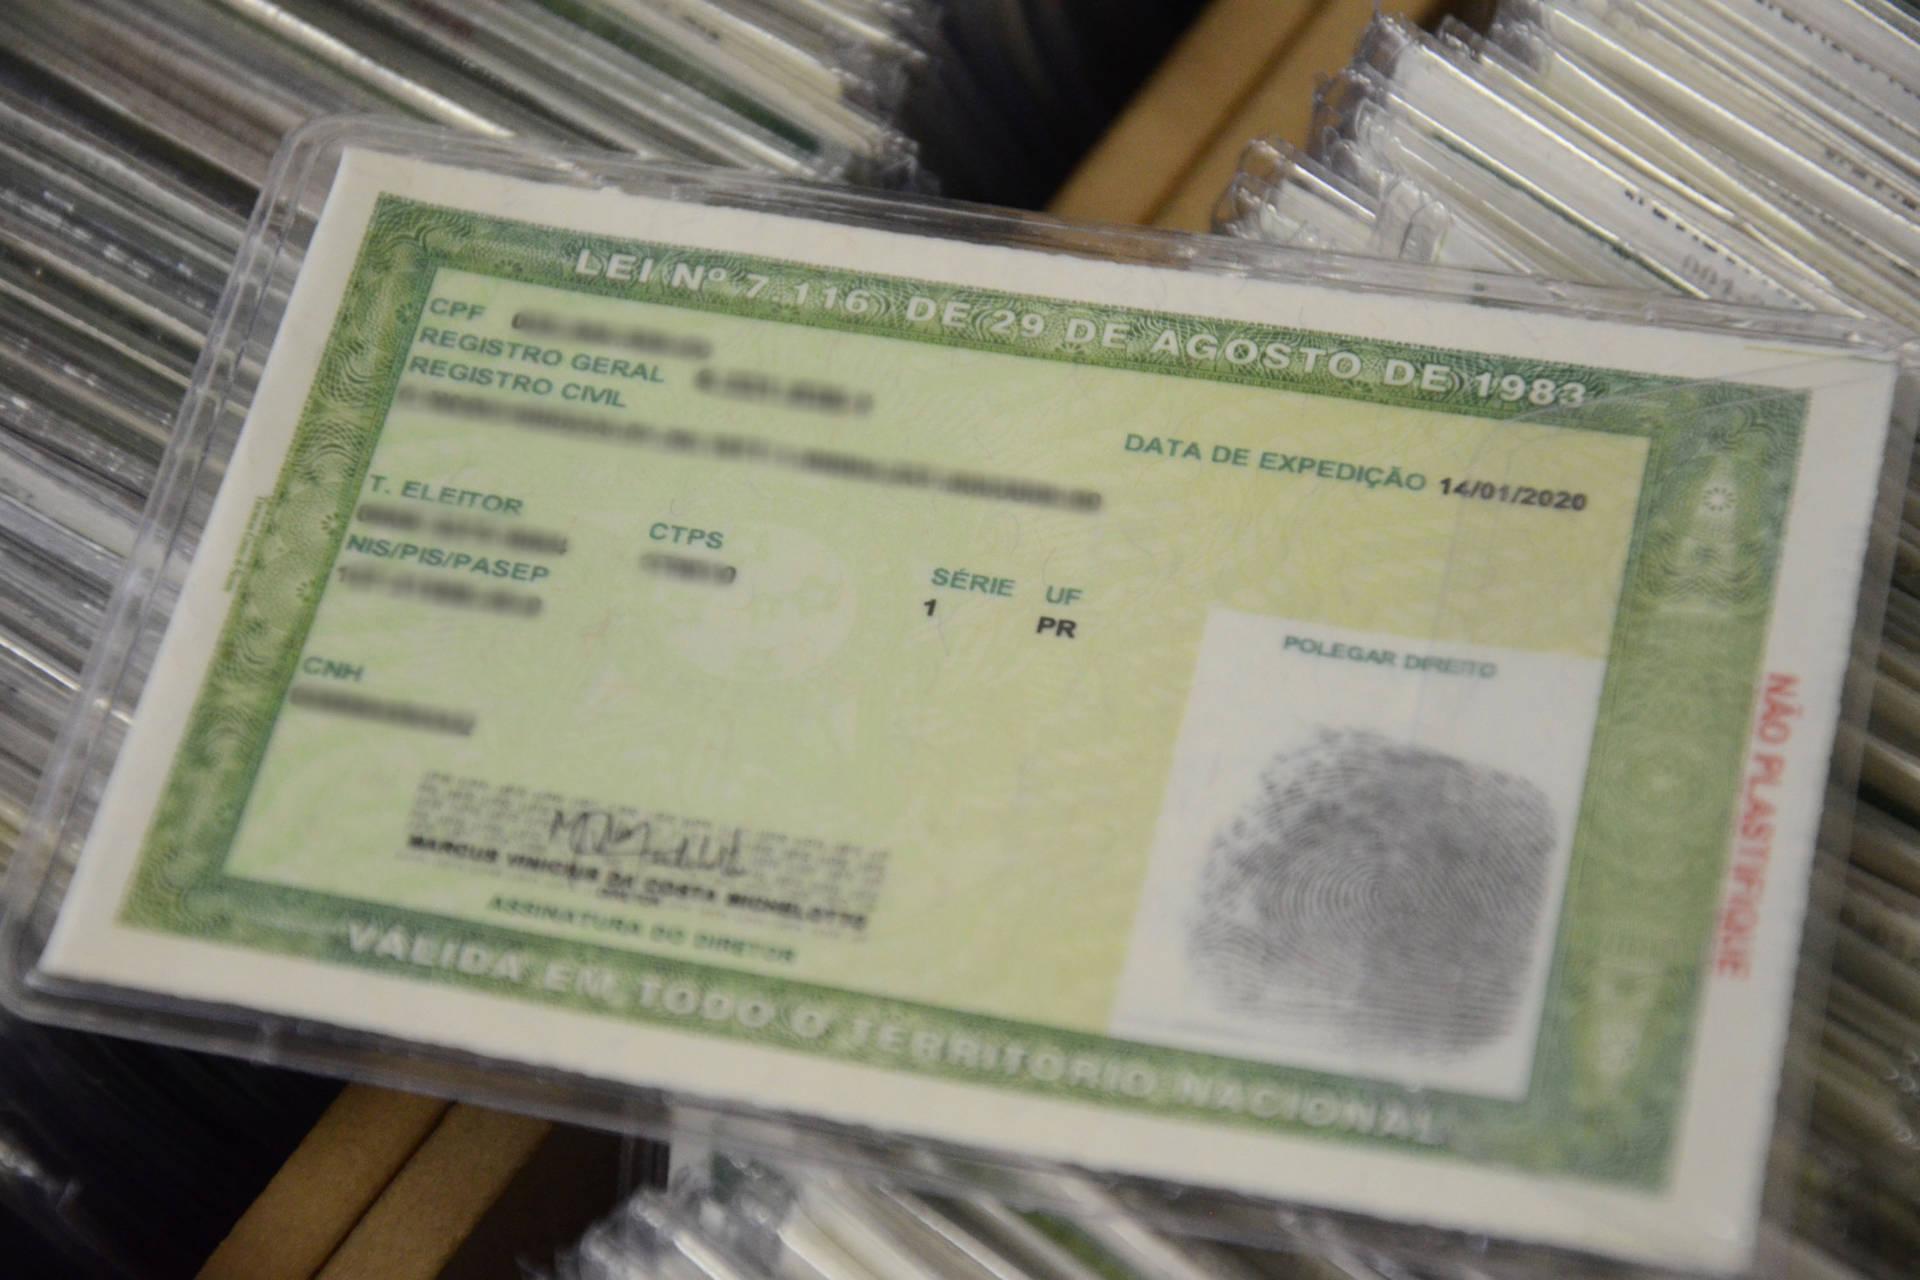 A Polícia Civil do Estado iniciou a emissão do documento, que possibilita a inclusão de diversos dados e oferece mais segurança contra a falsificação.